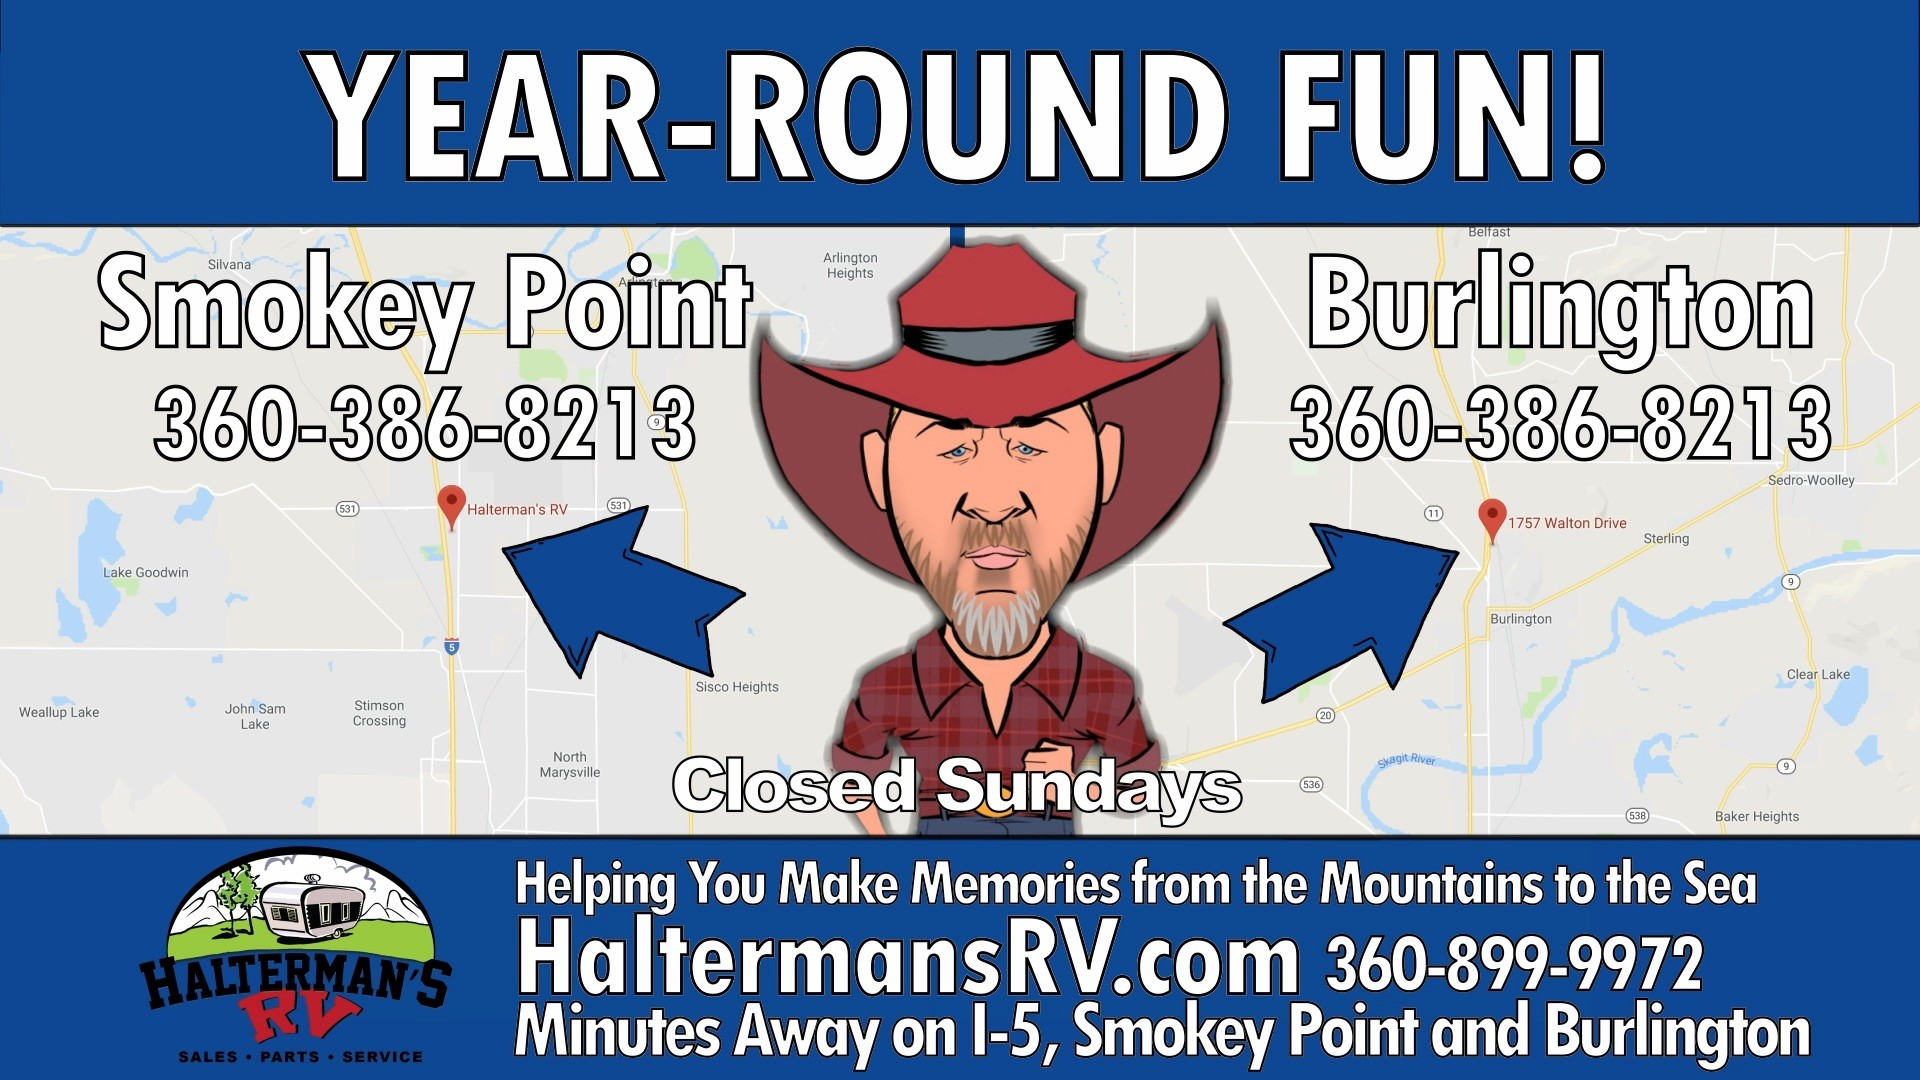 Haltermans RV: Year Round Fun